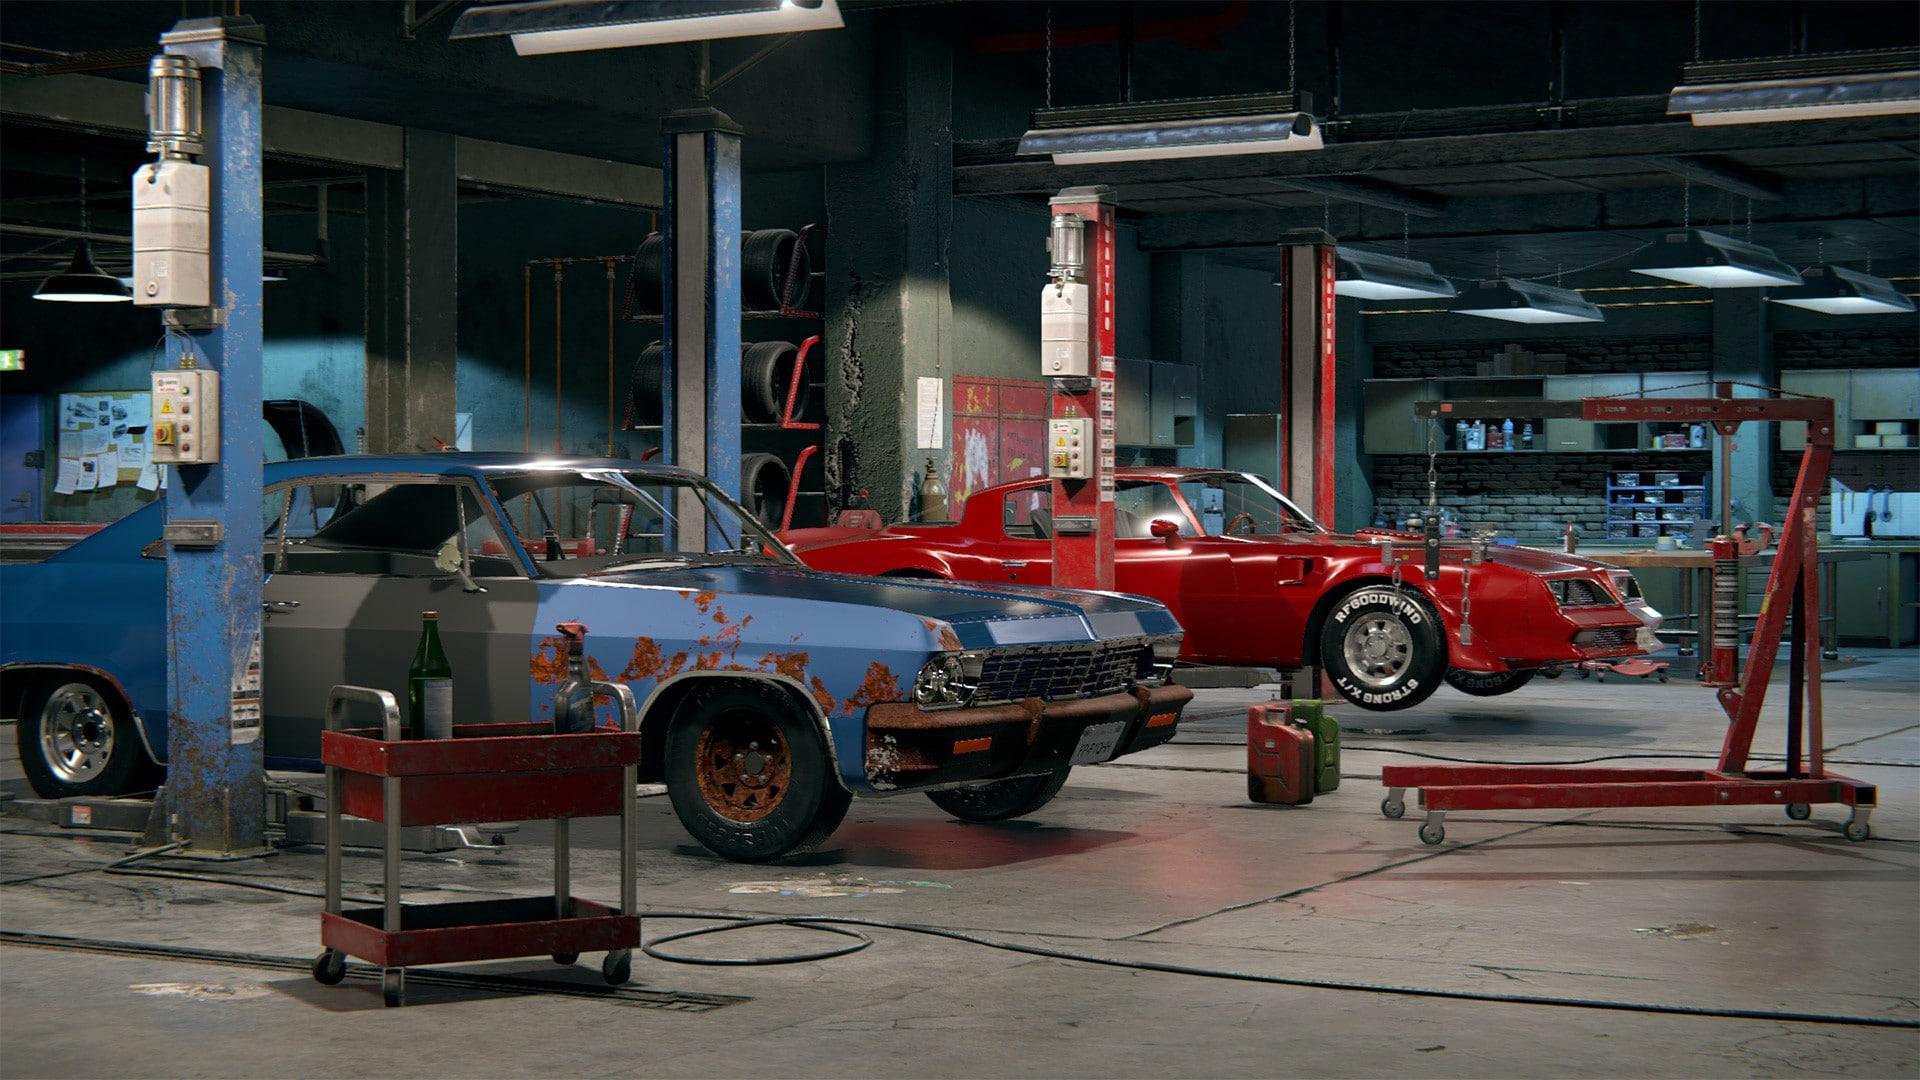 Car mechanic simulator 2018 free download cracked for Car paint simulator